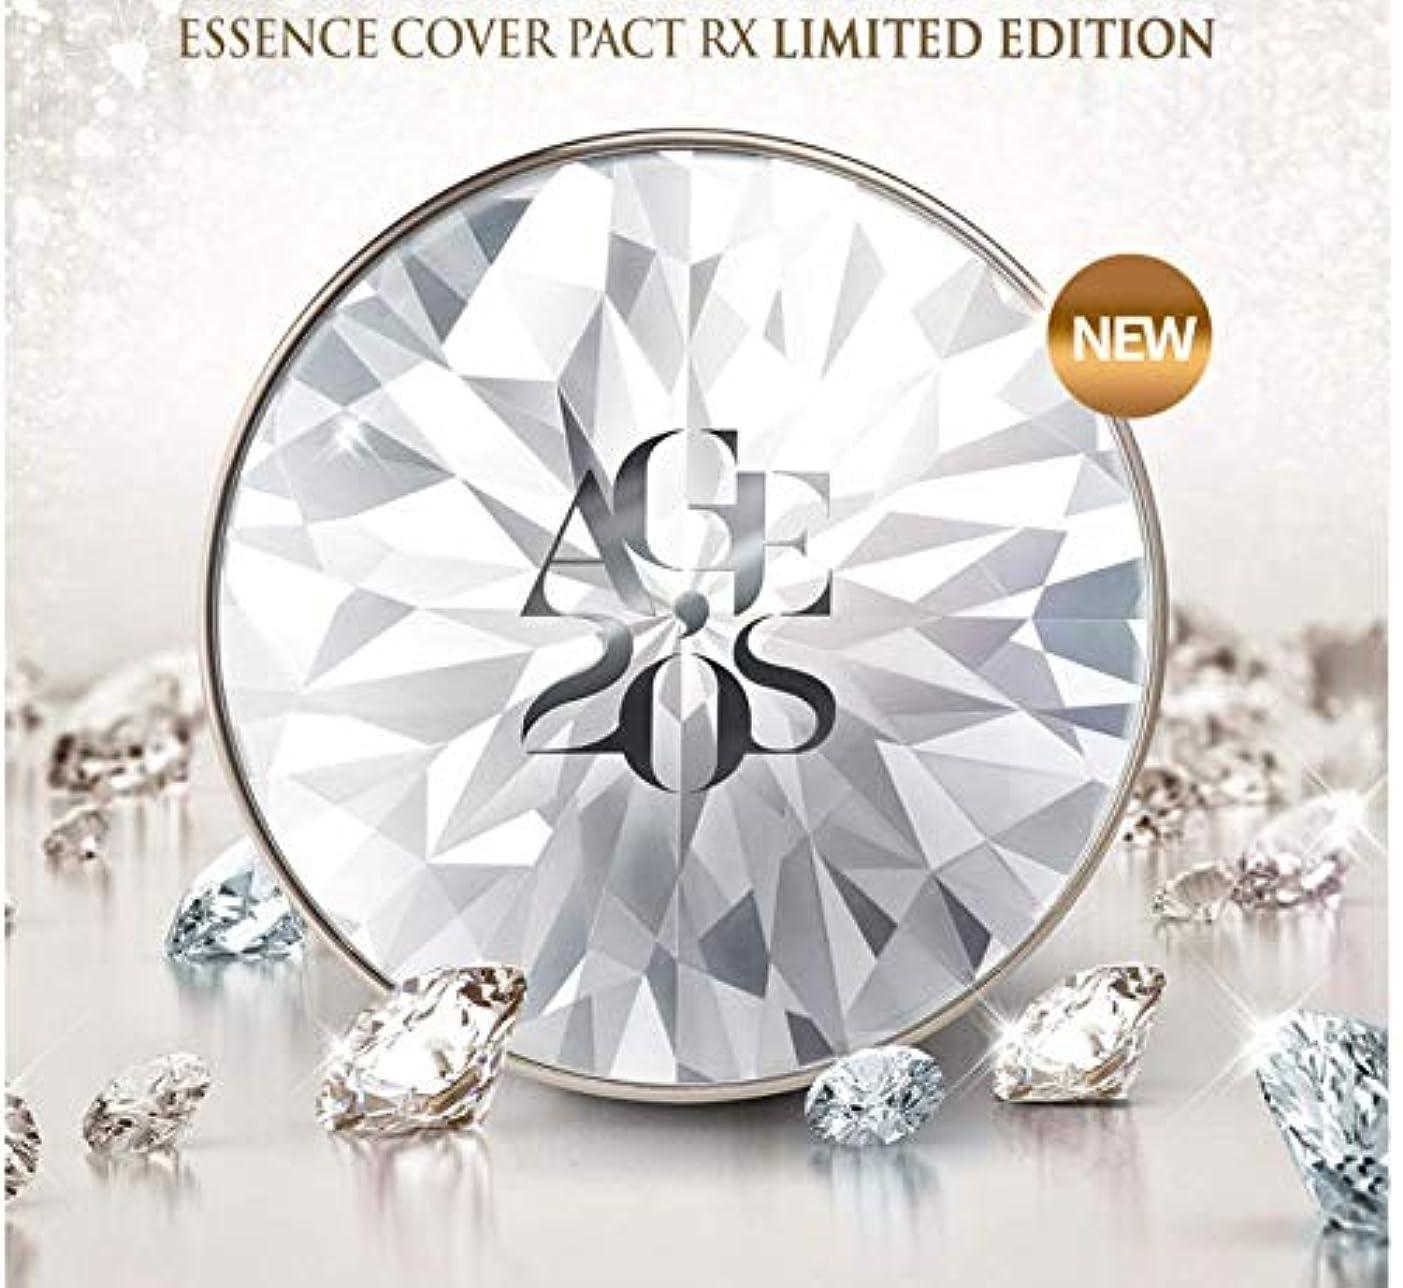 ポンド生トライアスロンAGE20'sシーズン10 エッセンスカバーファクトRXリアルダイヤモンド版 23号 12.5g / SEASON10 ESSENCE COVER PACT RX LIMITED EDITION #23 [並行輸入品]